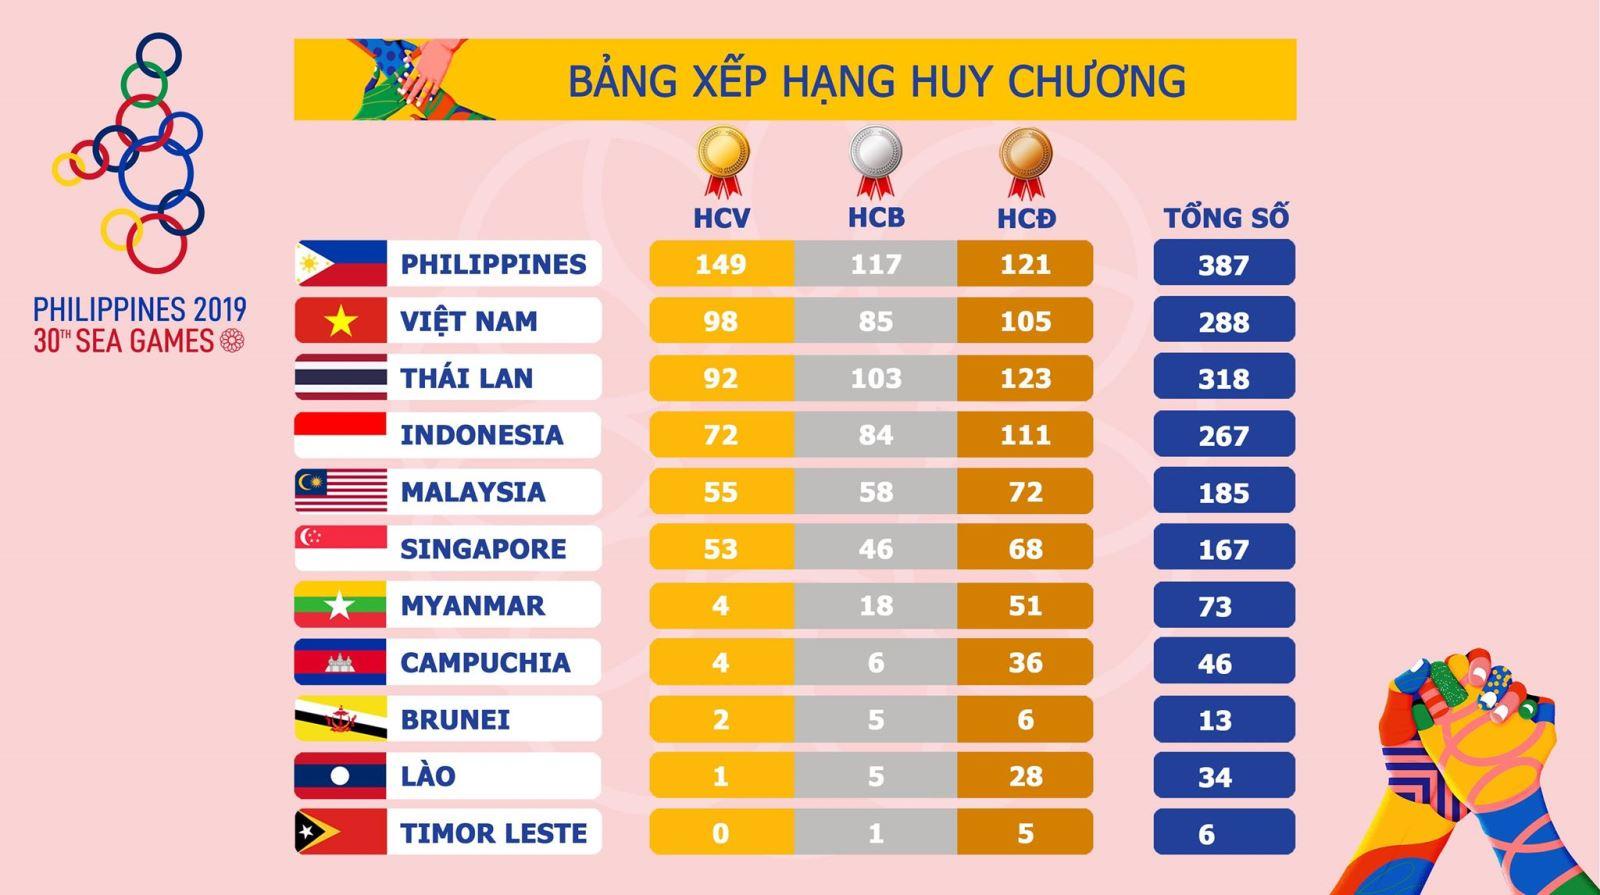 danh sách vận động viên Việt Nam giành huy chương SEA Games 30, huy chương vàng, bảng tổng sắp huy chương Seagame 30, bảng xếp hạng huy chương Seagame 30, HCV, HCB, HCĐ